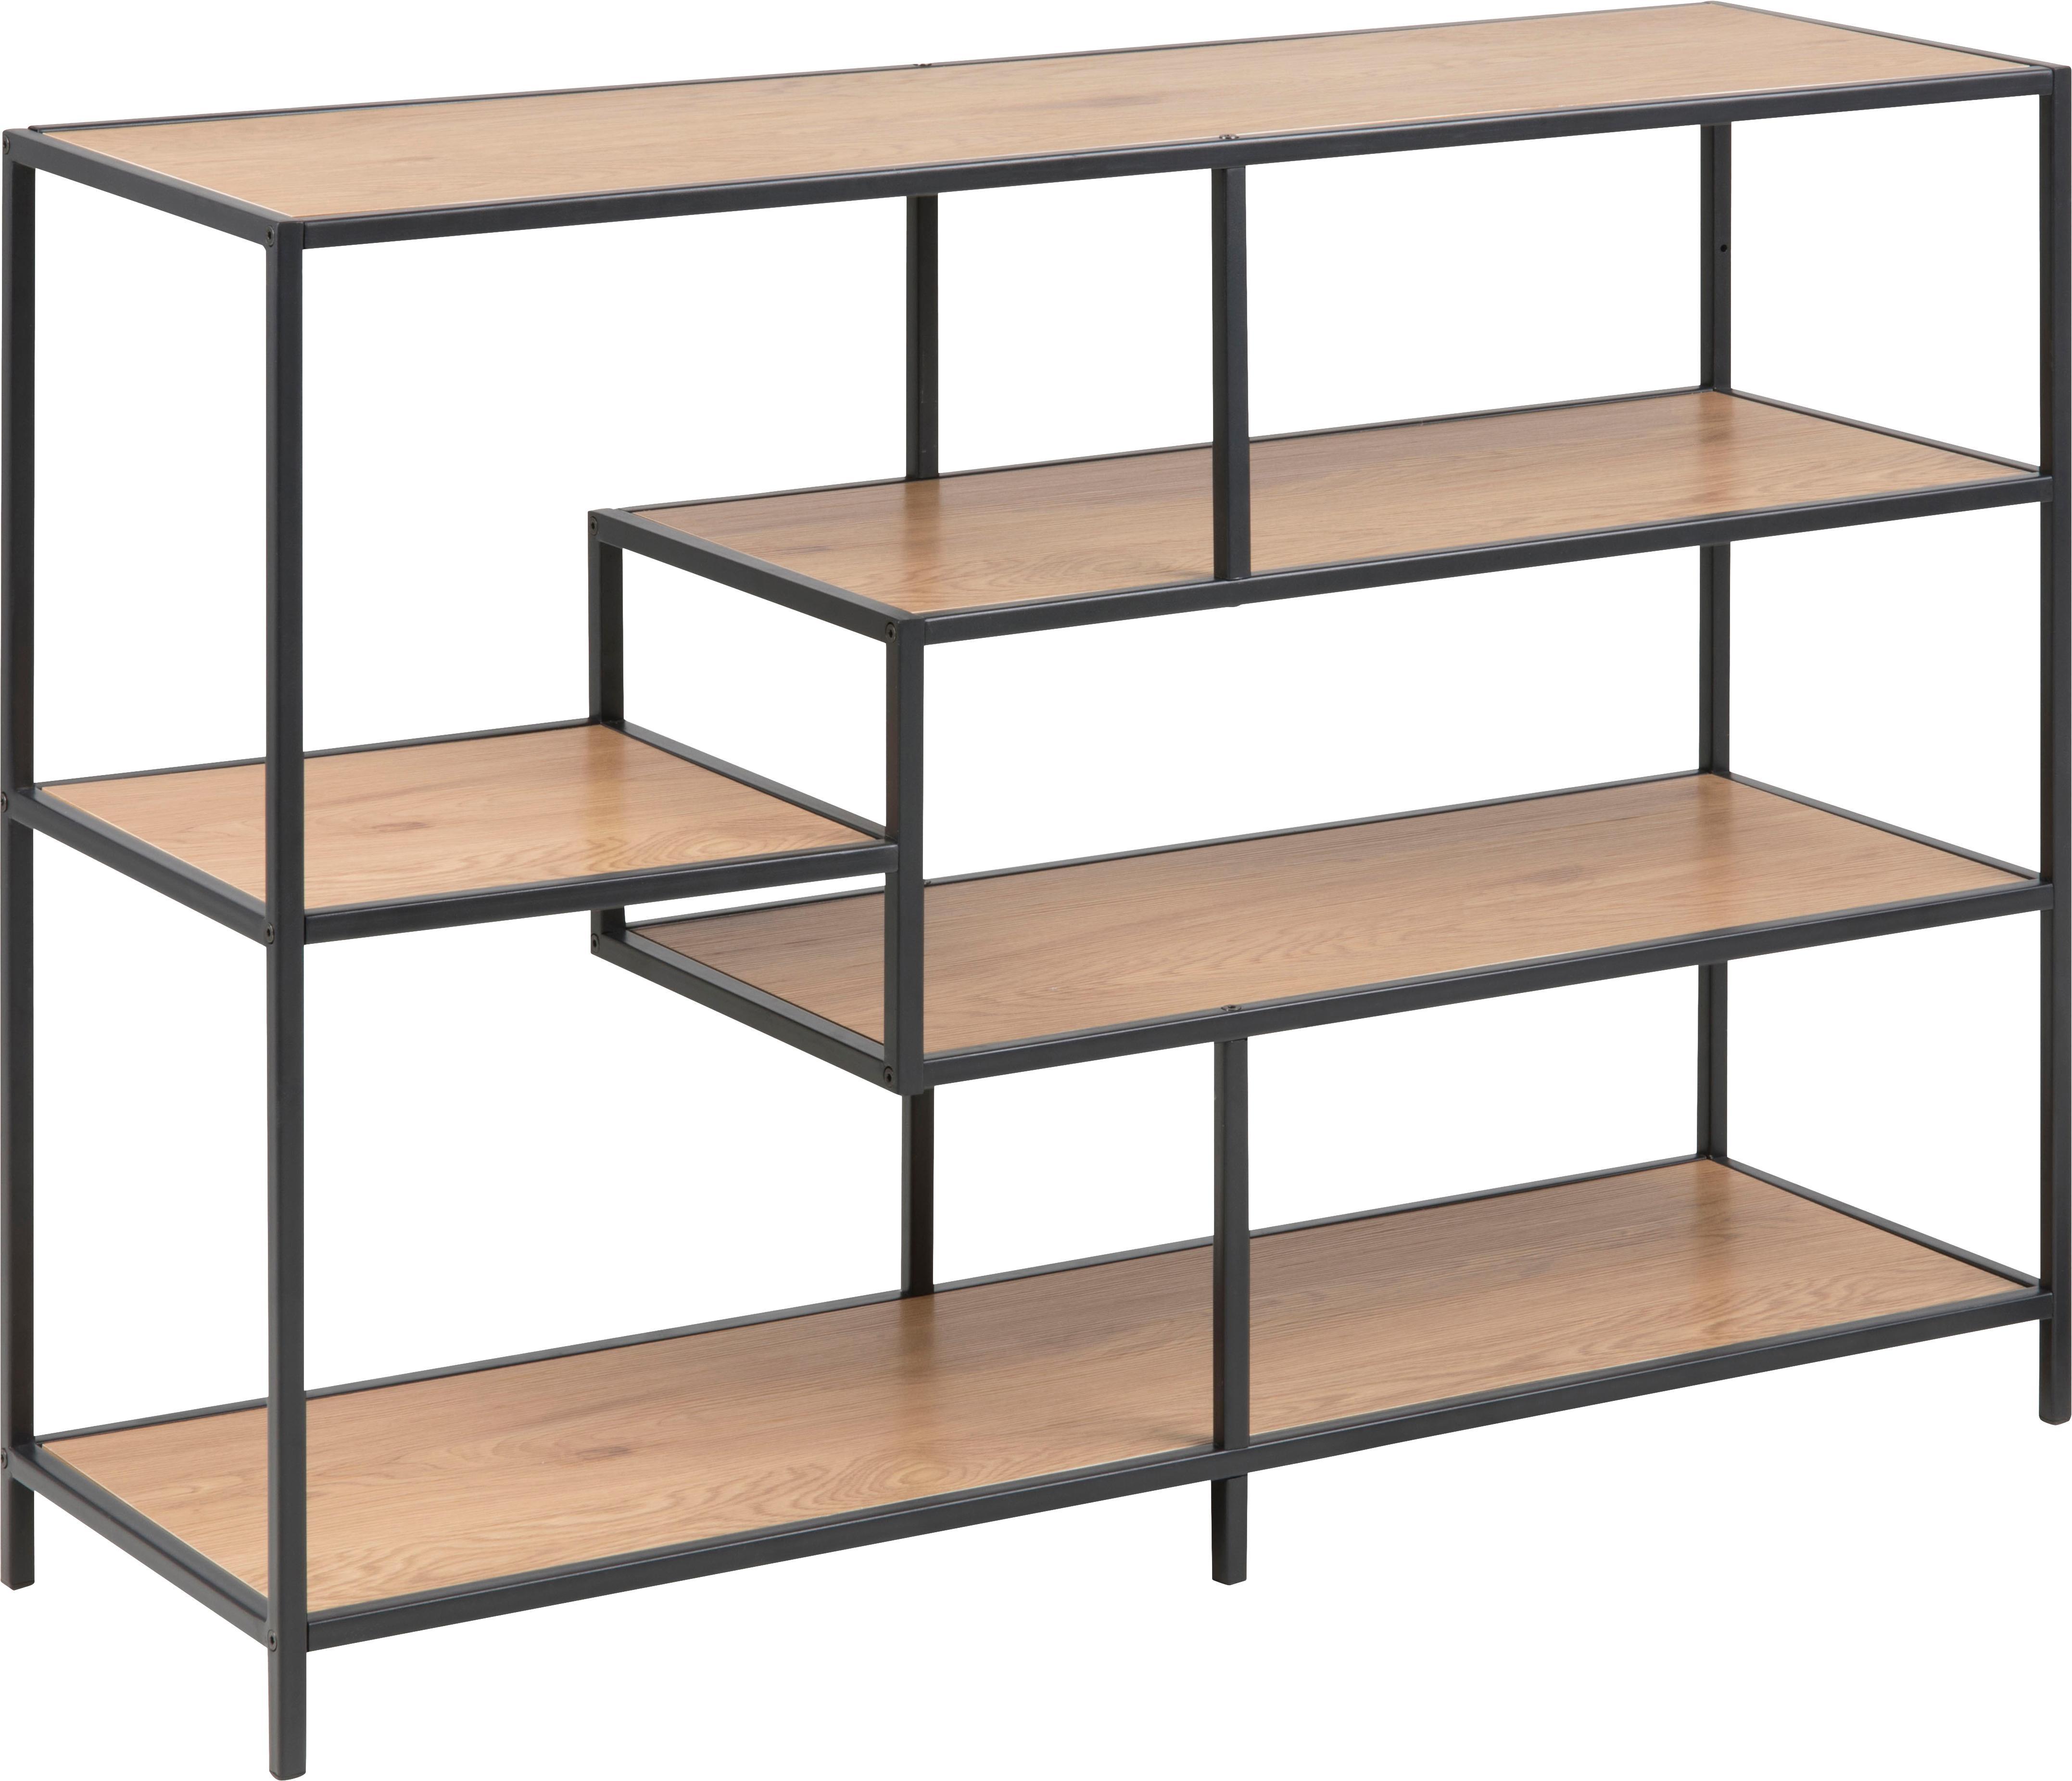 Libreria in legno e metallo Seaford Zig, Ripiani: pannello di fibre a media, Struttura: metallo verniciato a polv, Quercia selvatica, nero, Larg. 114 x Alt. 78 cm